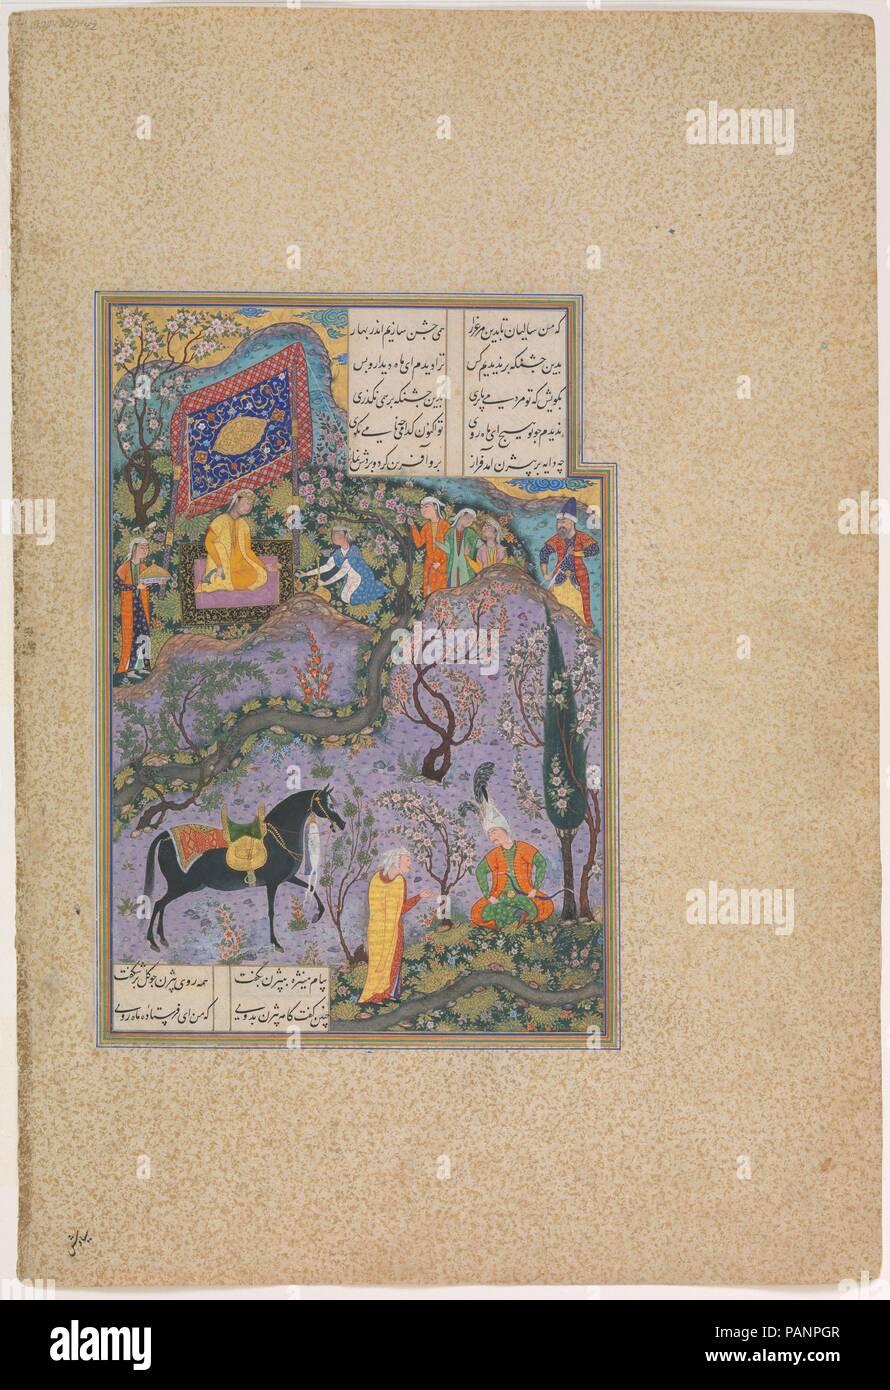 """""""Bizhan erhält eine Einladung durch Manizha der Krankenschwester', Folio 300 v aus der Shahnama (Buch der Könige) von Shah Tahmasp. Artist: Malerei zu 'Abd al-Vahhab unterstützt von Mir Musavvir zugeschrieben. Thema: Abu'l Qasim Firdausi (935-1020). Abmessungen: Malerei: W. H. 12 5/8 x 7 1/4 in. (H. W. 32,1 x 18,4 cm) der gesamten Seite: H. 18 11/16 x W. 10 5/8 in. (H. 47,5 x W. 27cm). Datum: Ca. 1525-30. Bizhan ist neidisch Begleiter, Gurgin, schlägt vor, dass Sie ein Festival in der Nähe von Irman aber über die Grenze, in Turan teilnehmen, und die schönsten Mädchen entführen. Bizhan in einem Hain allein auf die Mädchen zu erkunden, aber Manizha, der daught Stockfoto"""